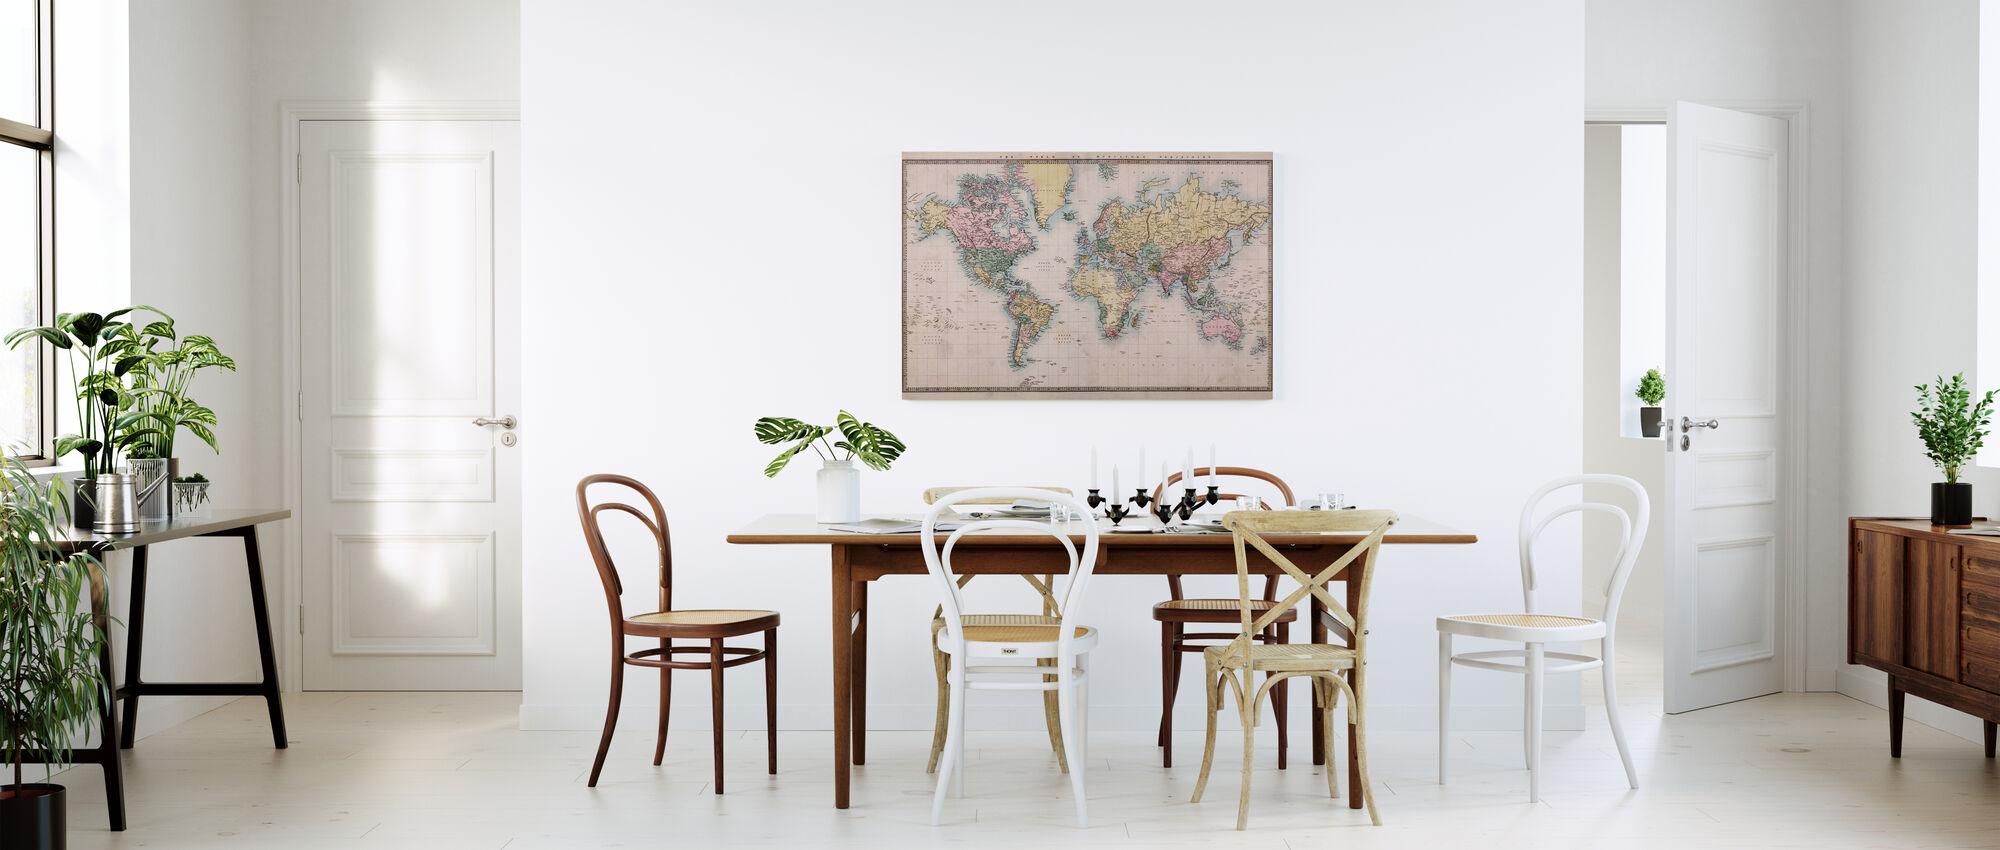 1860 Käsin Väritetty Kartta - Canvastaulu - Keittiö